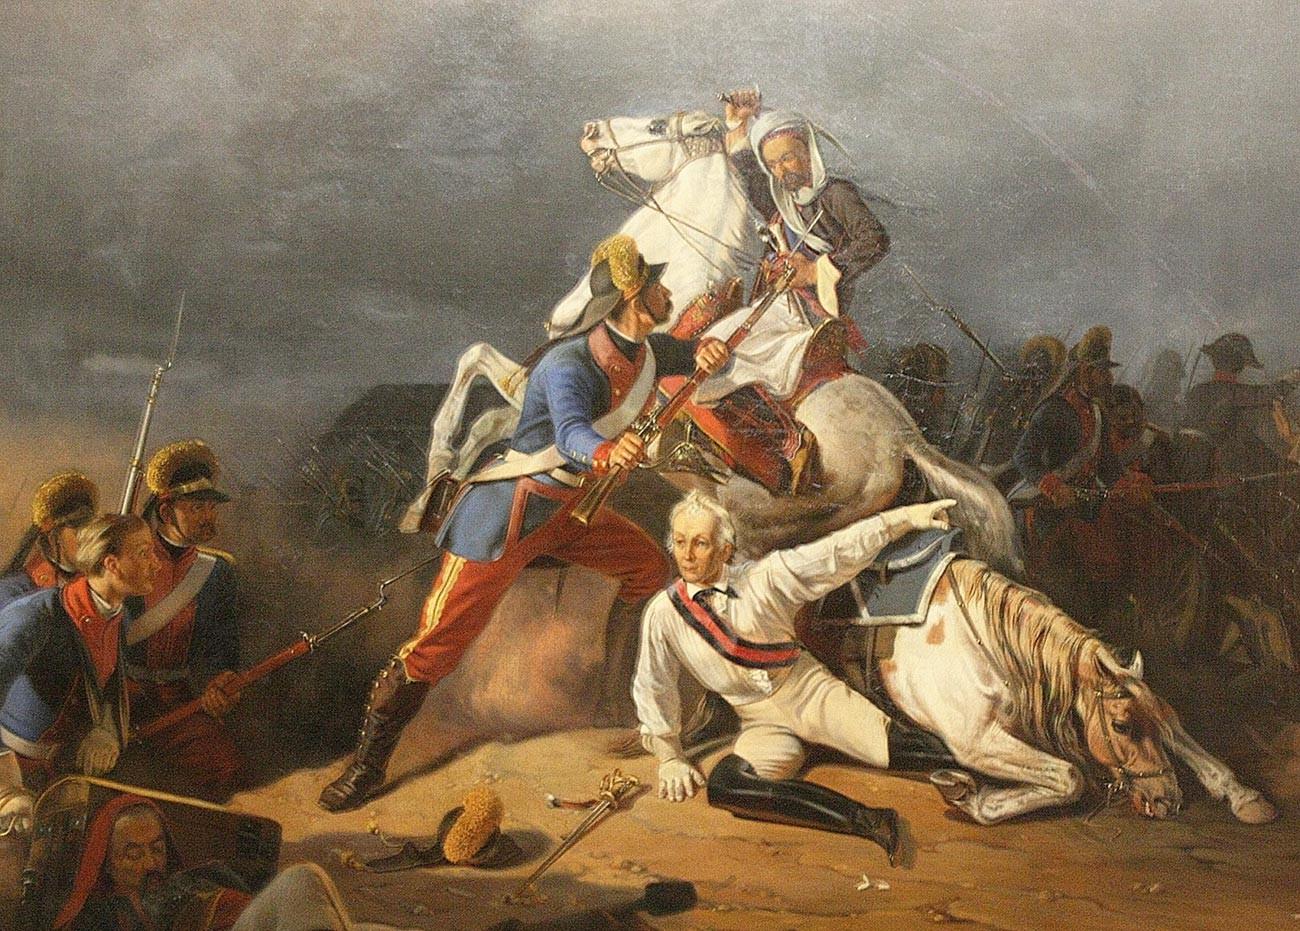 Il moschettiere Novikov salva Suvorov nella Battaglia di Kinburn